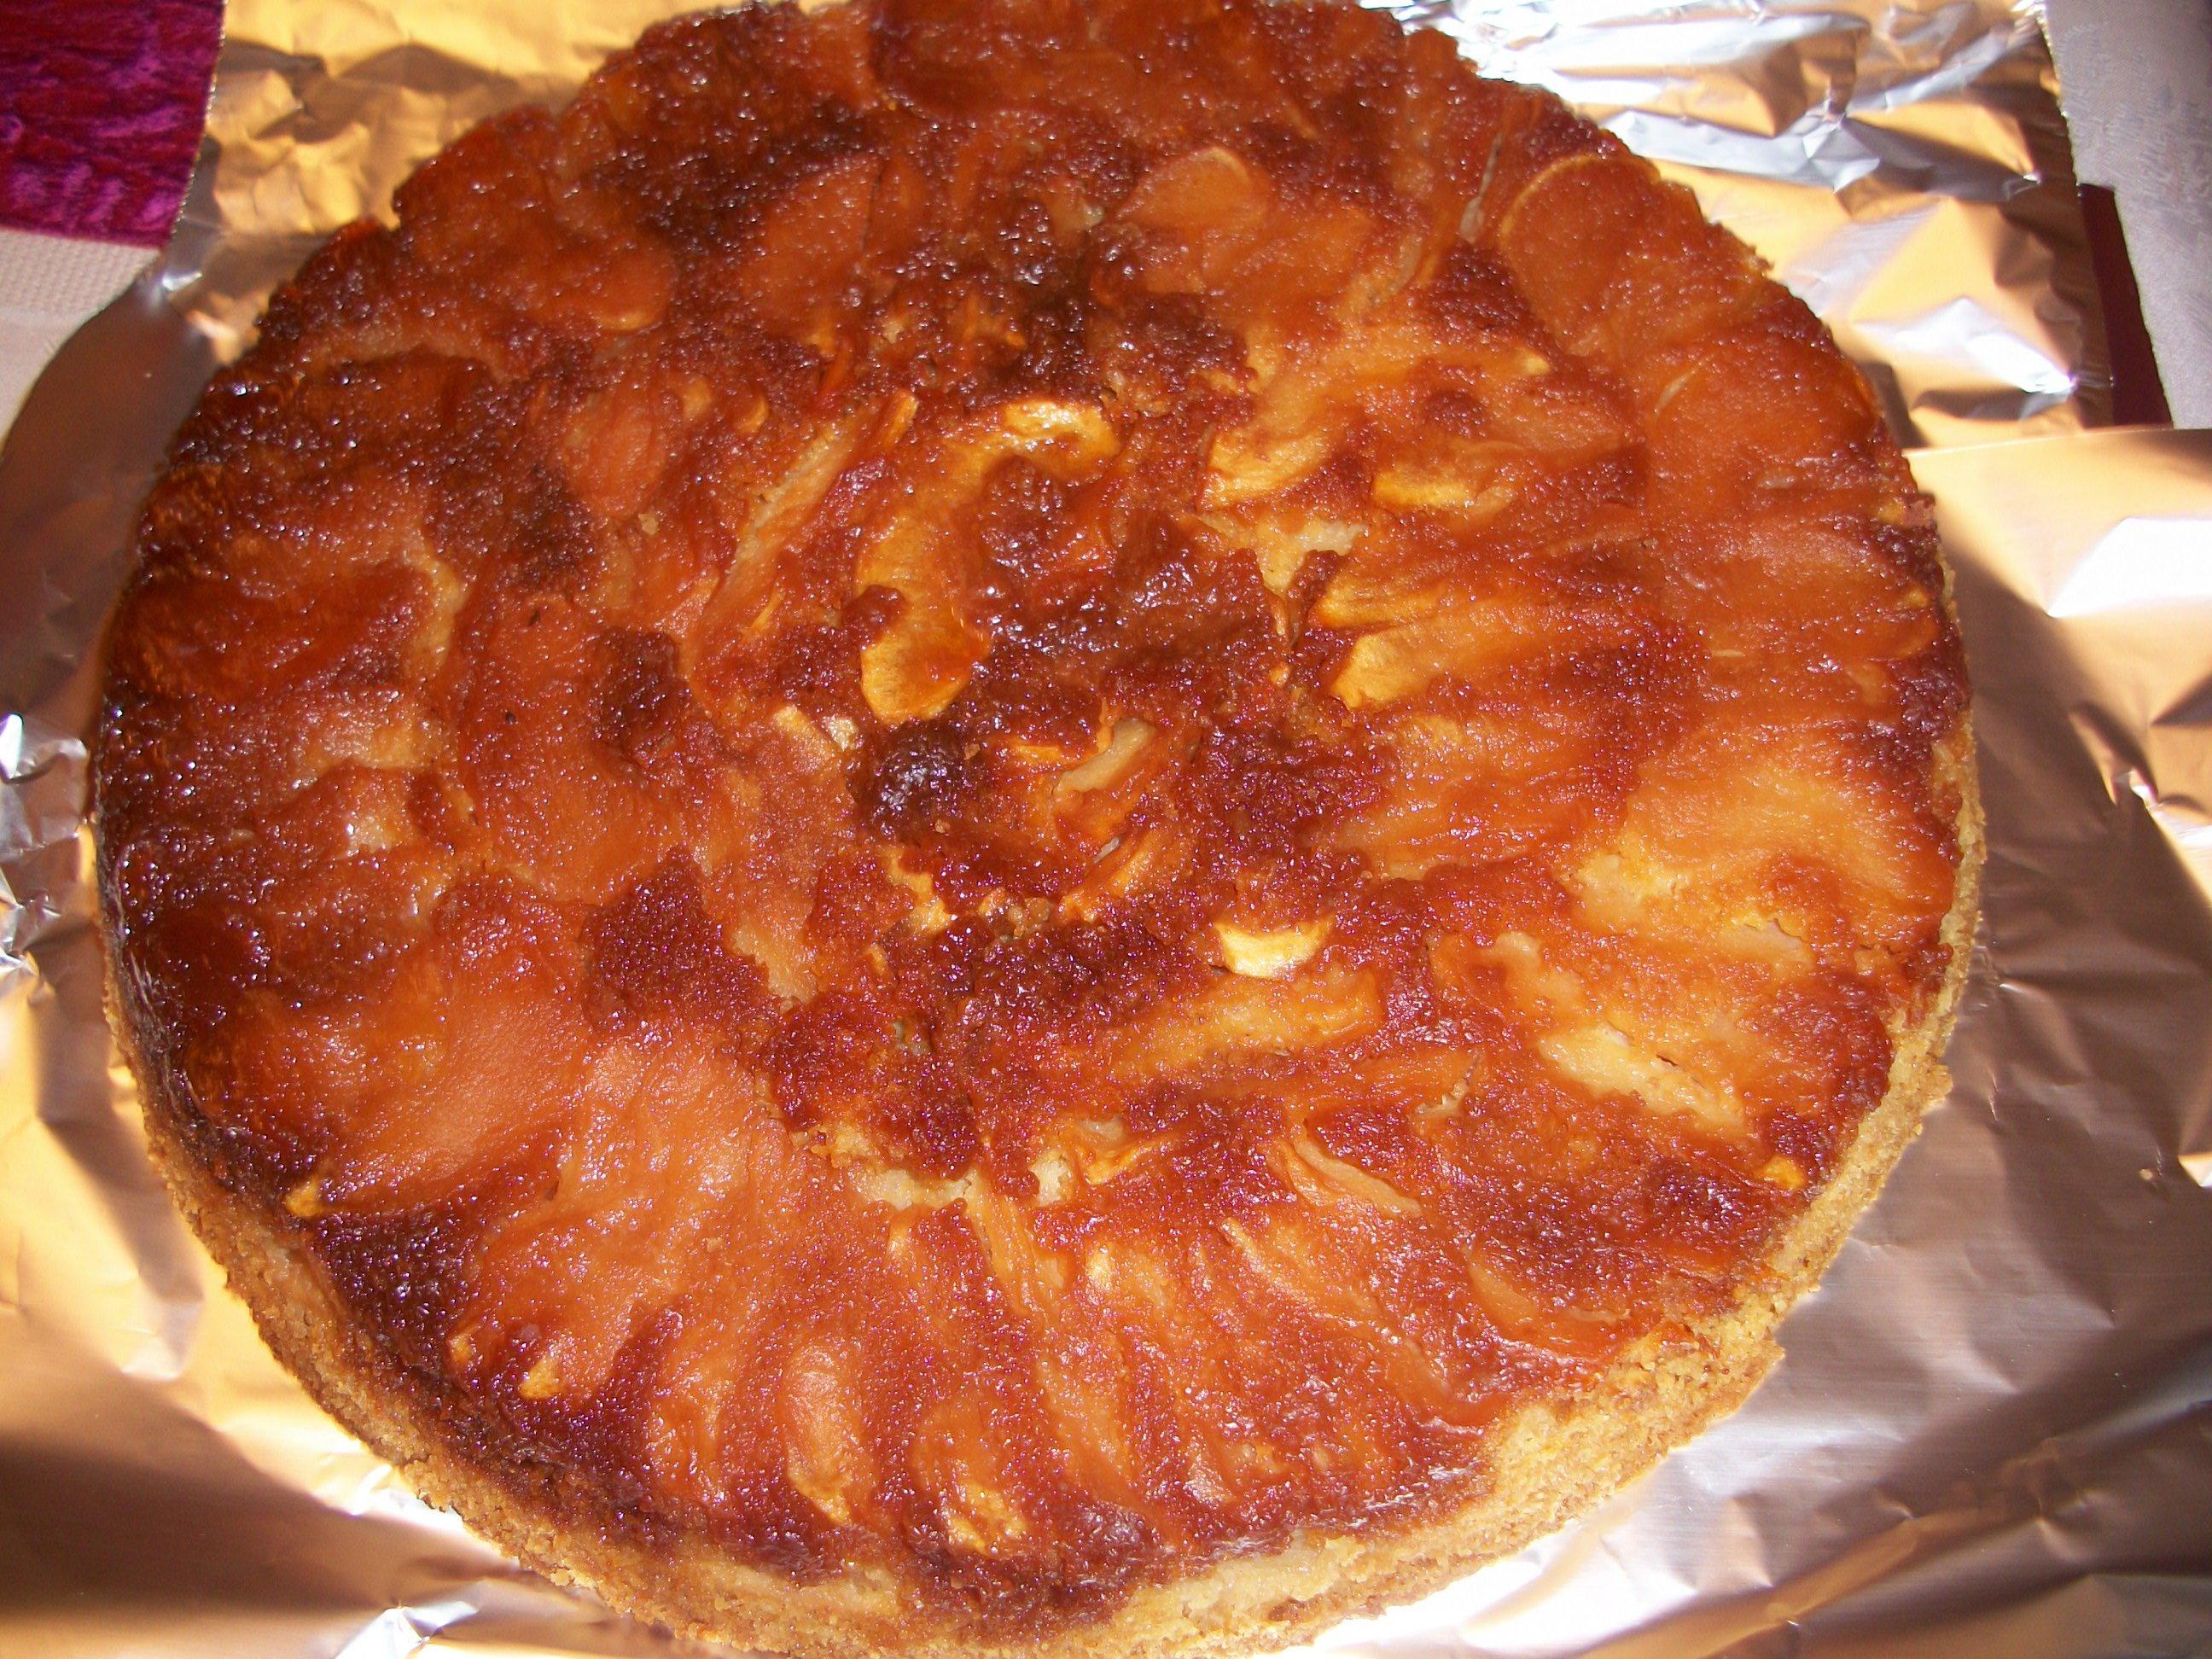 La cuisine de christine gateau renverse aux pommes for La cuisine de christine